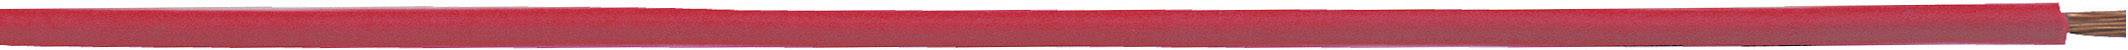 Opletenie / lanko LappKabel 4510012S H05V-K, 1 x 0.75 mm², vonkajší Ø 2.70 mm, 250 m, čierna